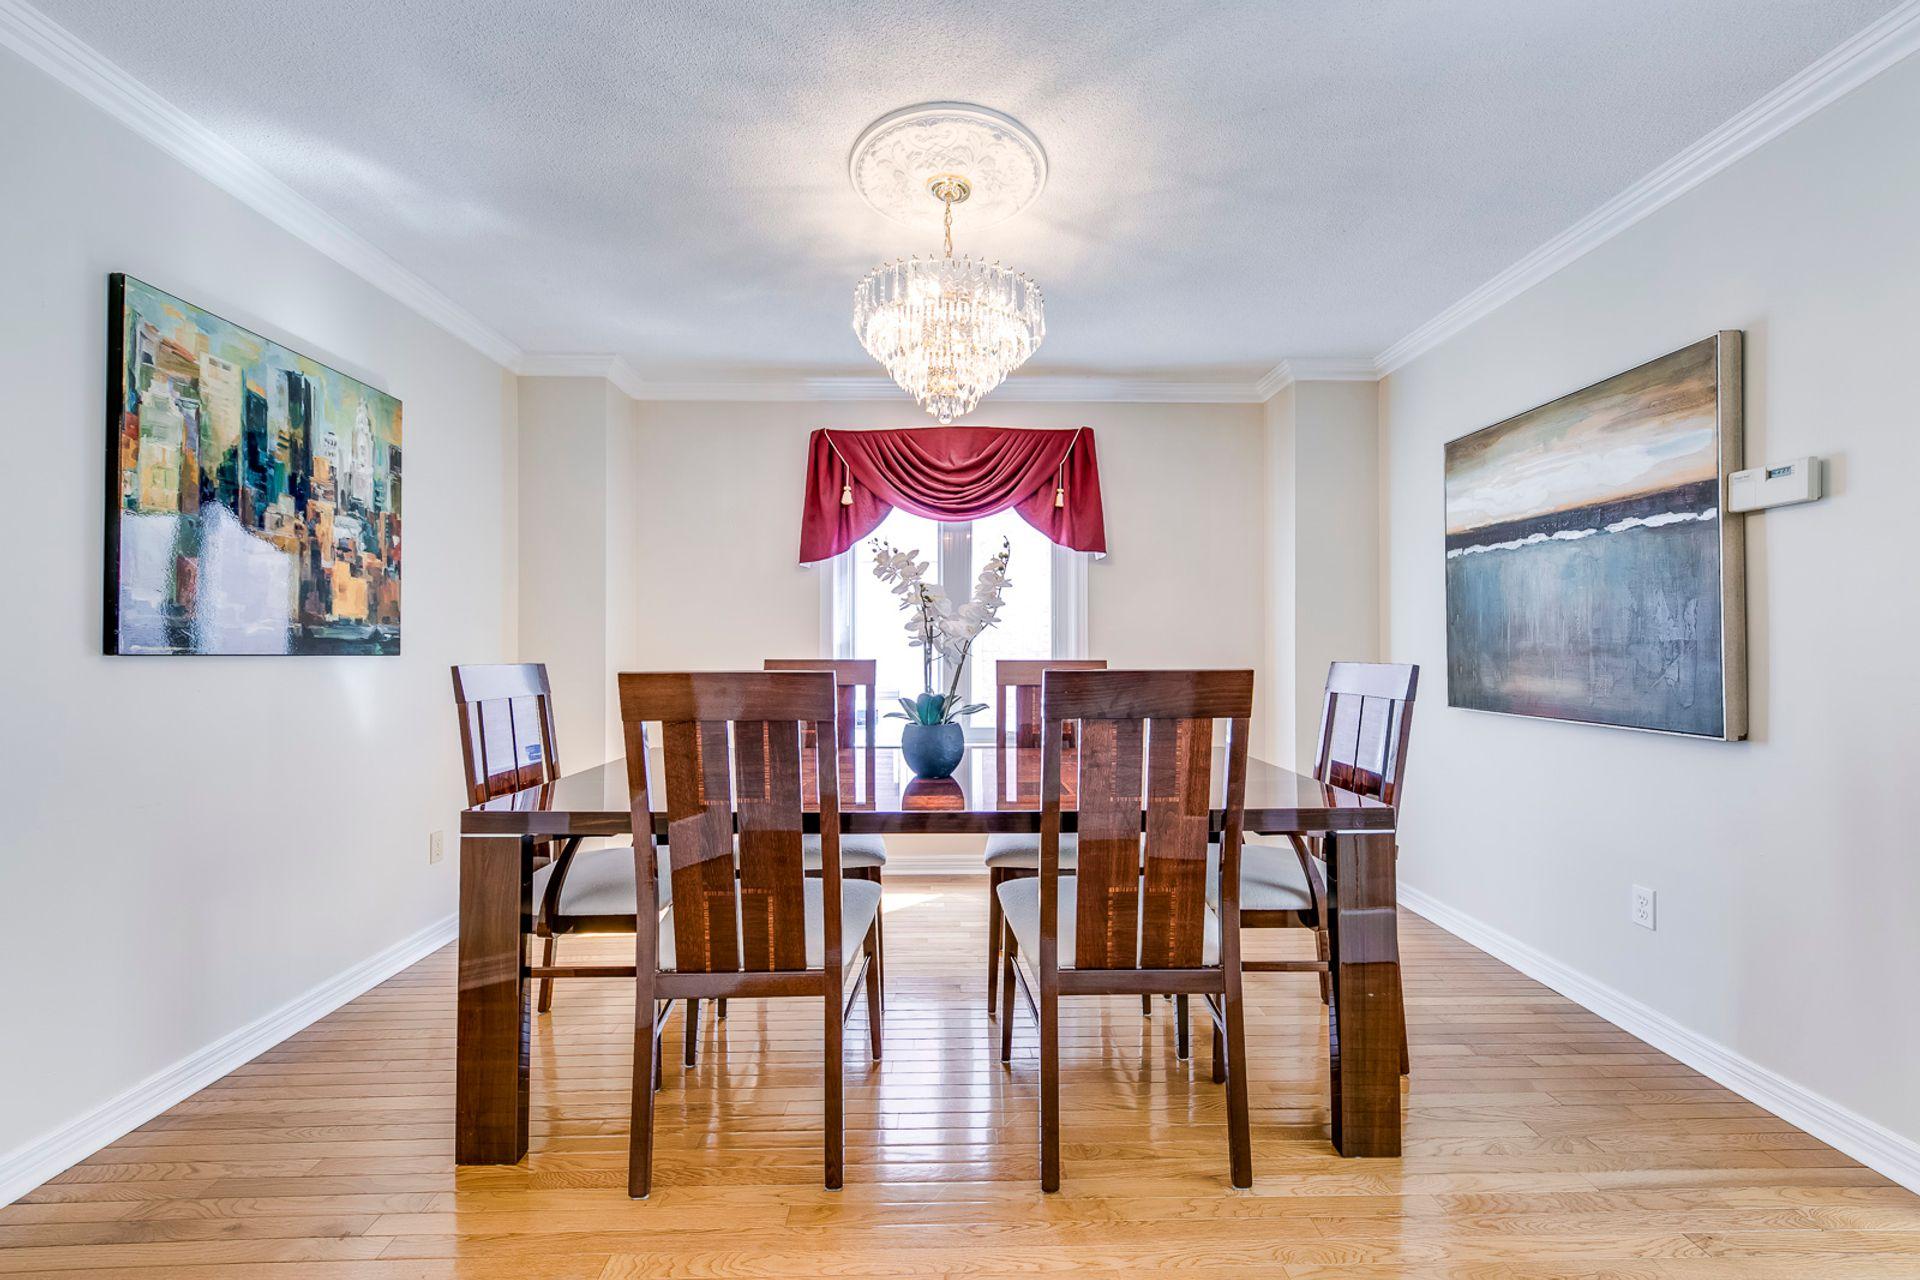 Dining Room - 5156 Heatherleigh Ave, Mississauga - Elite3 & Team at 5156 Heatherleigh Avenue, East Credit, Mississauga